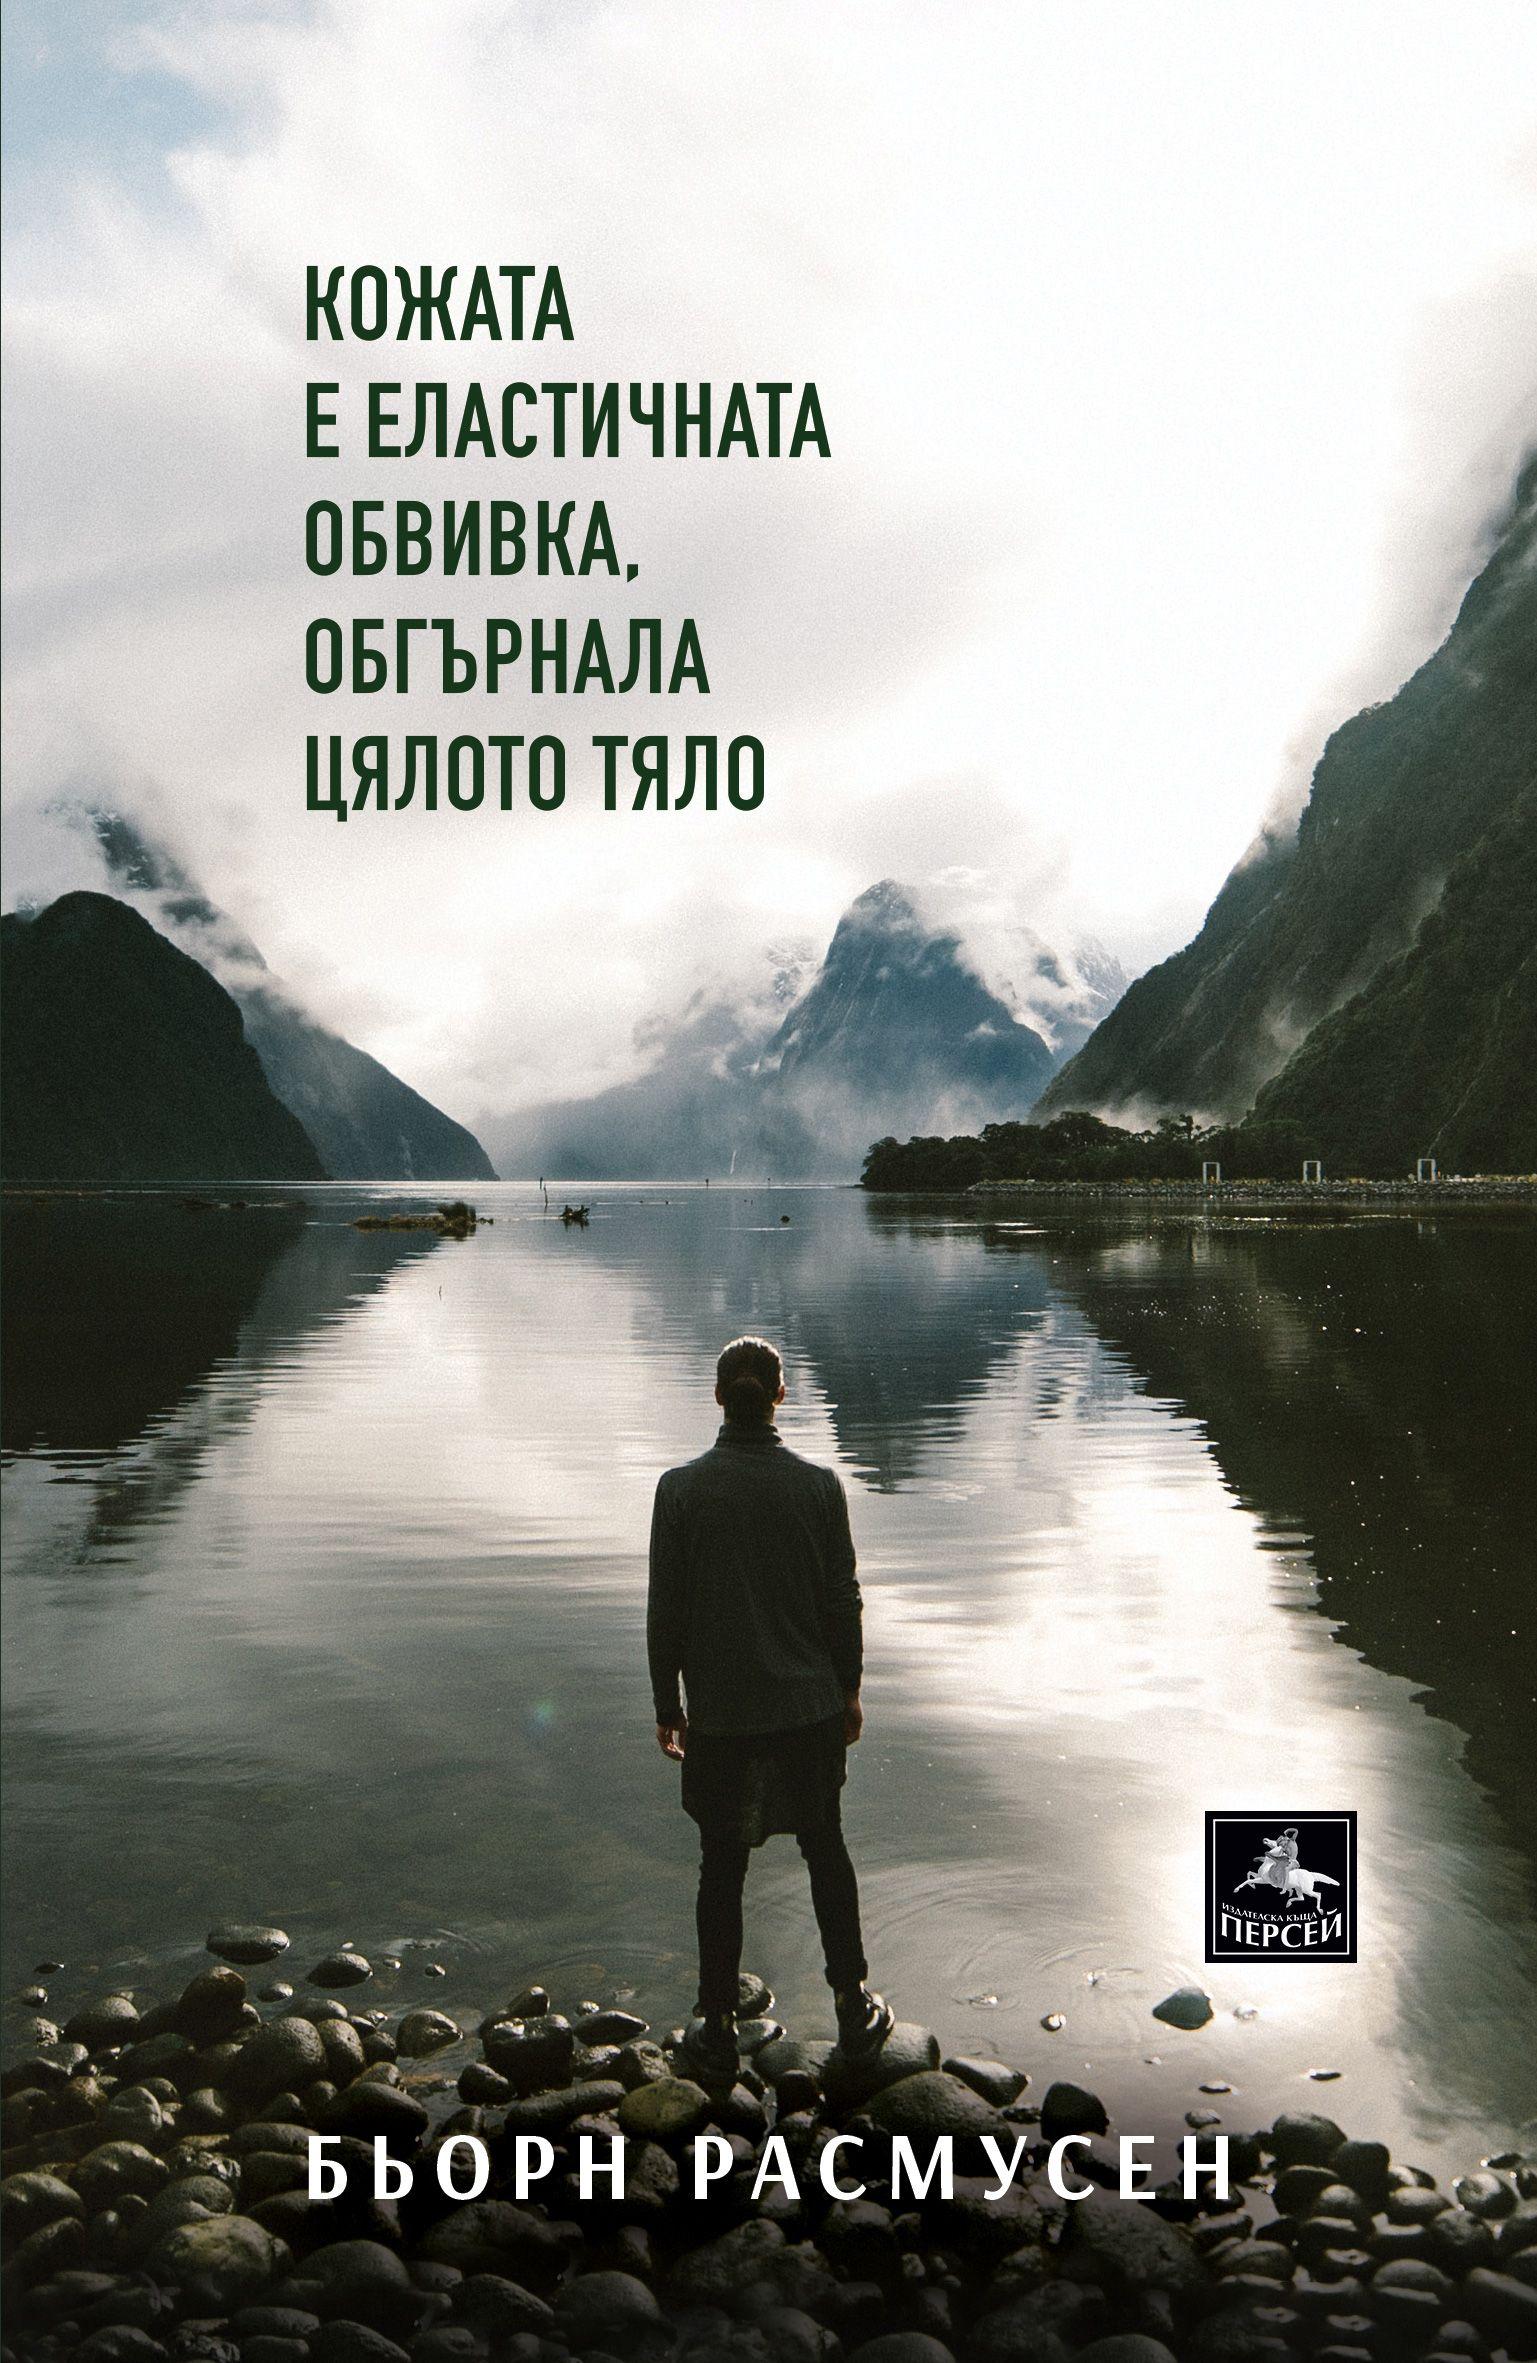 """""""Кожата е еластичната обвивка, oбгърнала цялото тяло"""" - датски роман за израстването"""